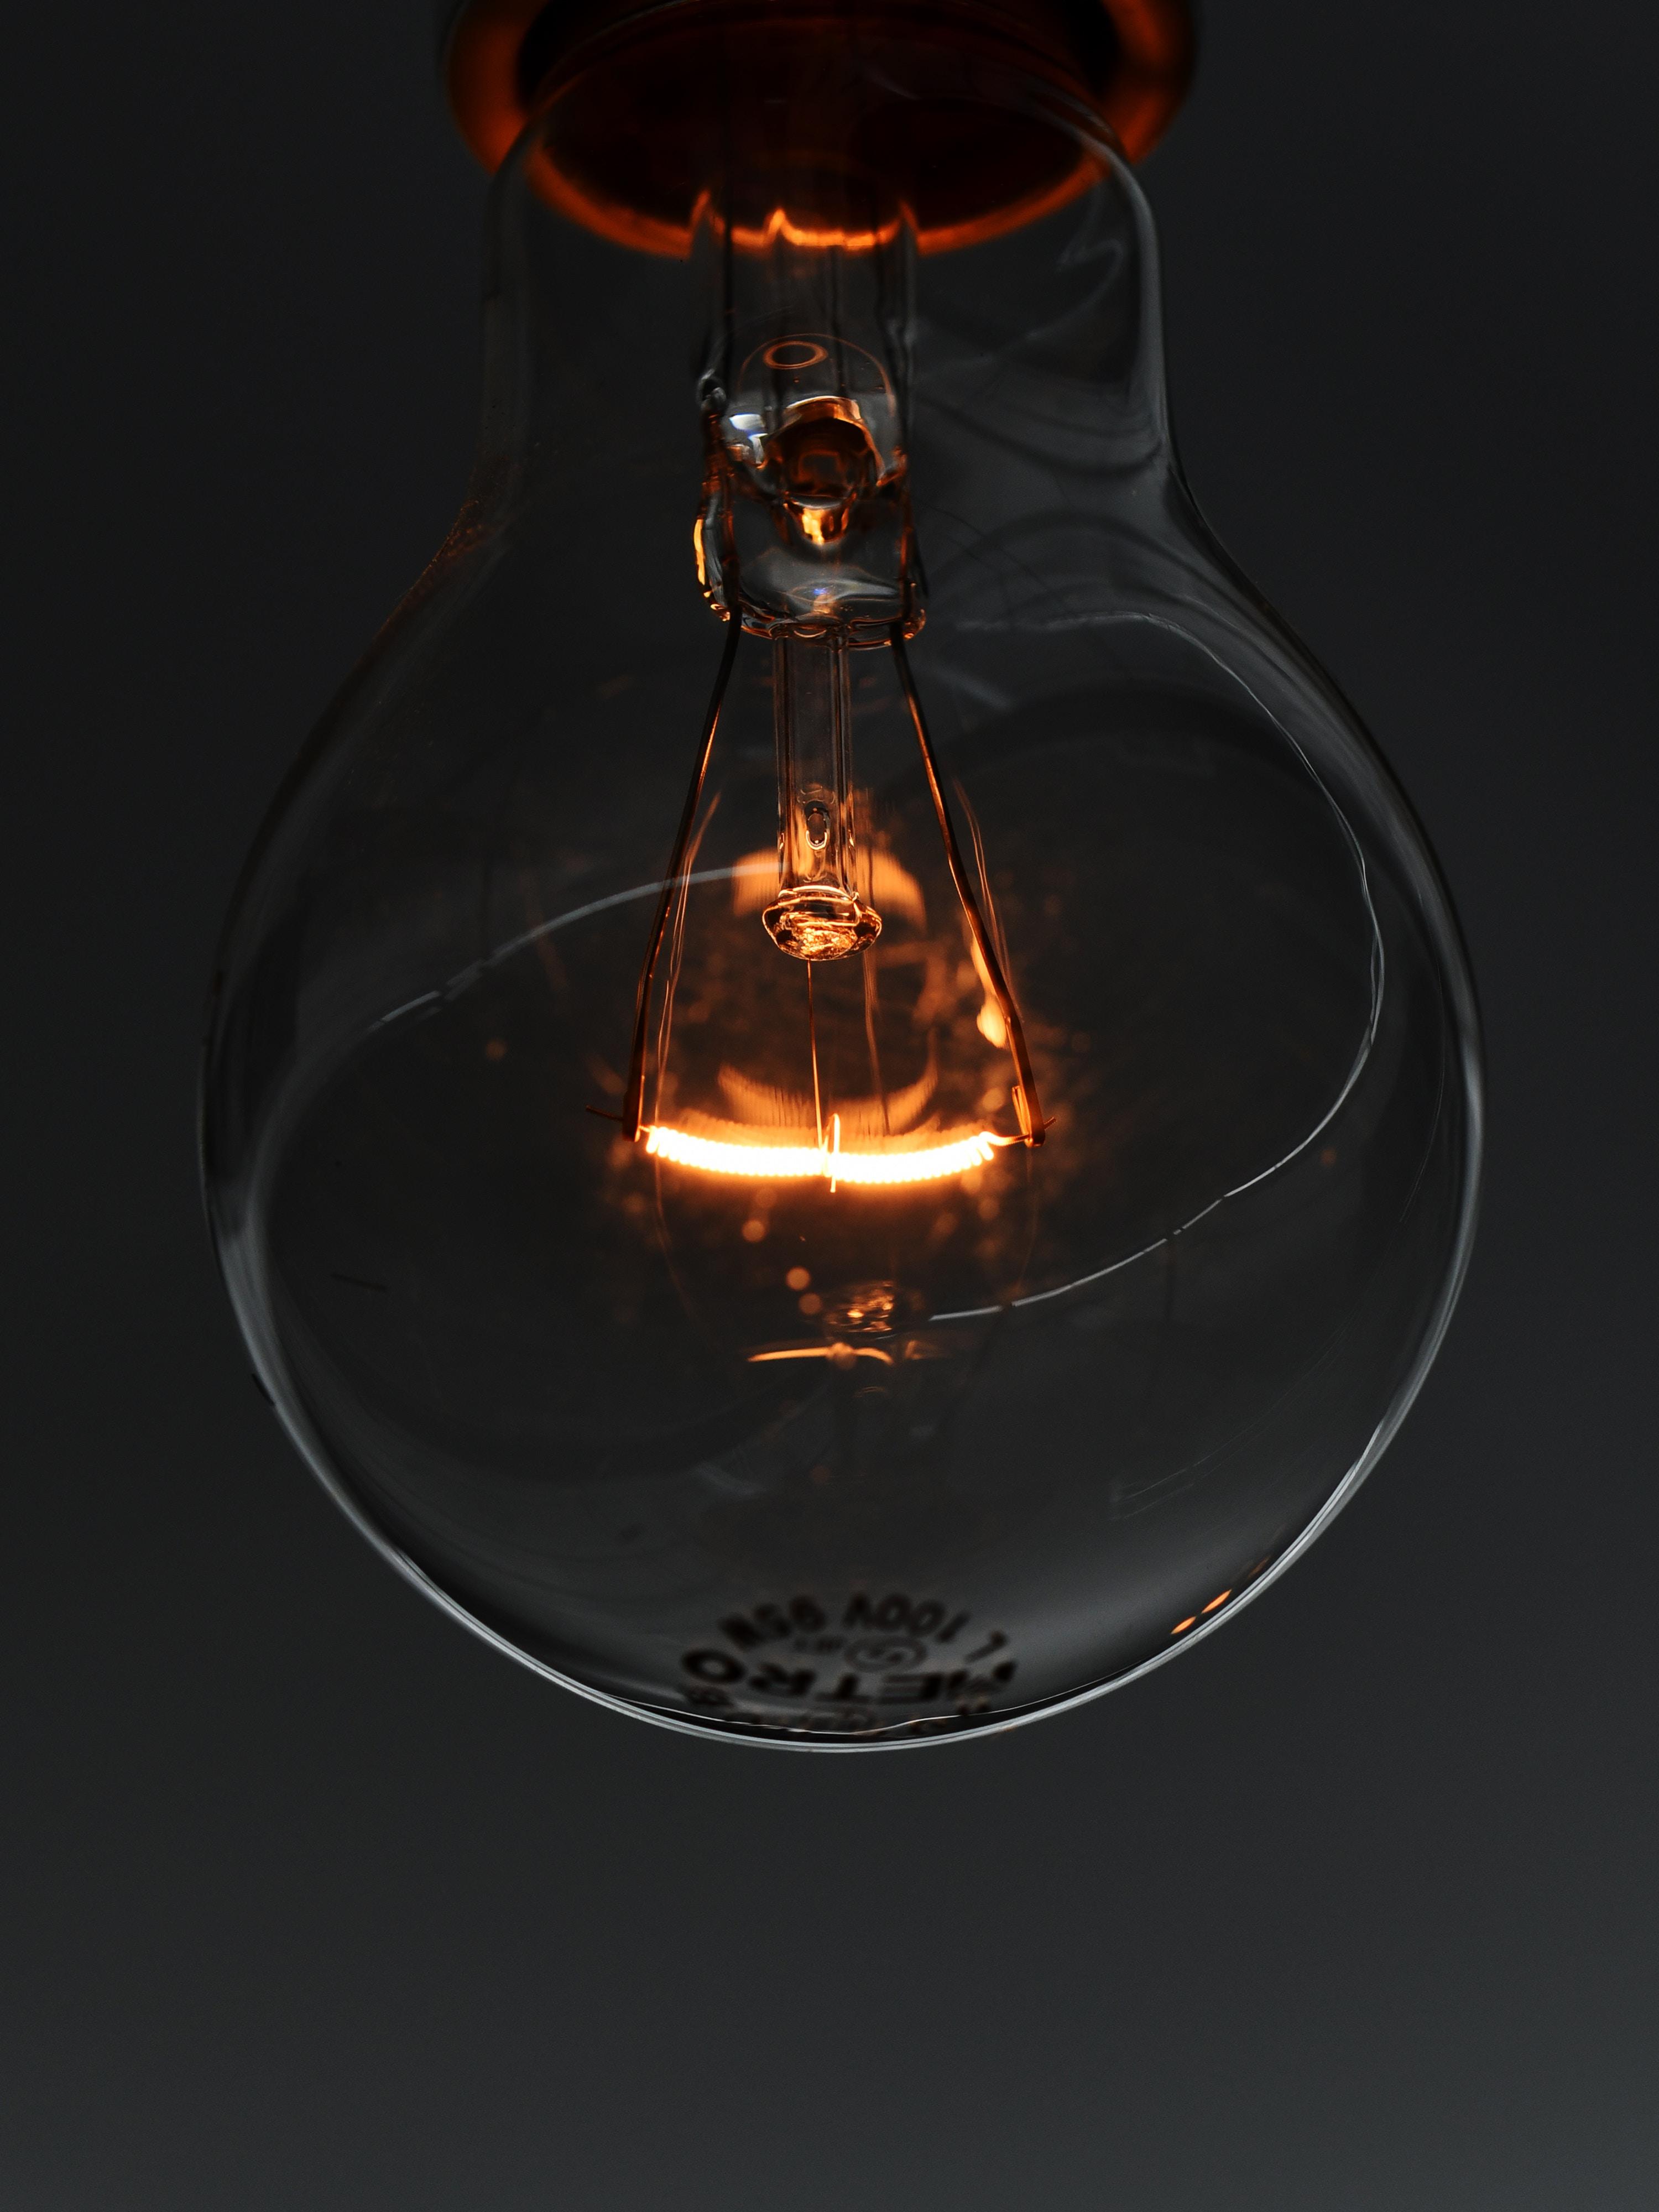 68617 скачать обои Свечение, Макро, Электричество, Лампочка, Крупный План - заставки и картинки бесплатно